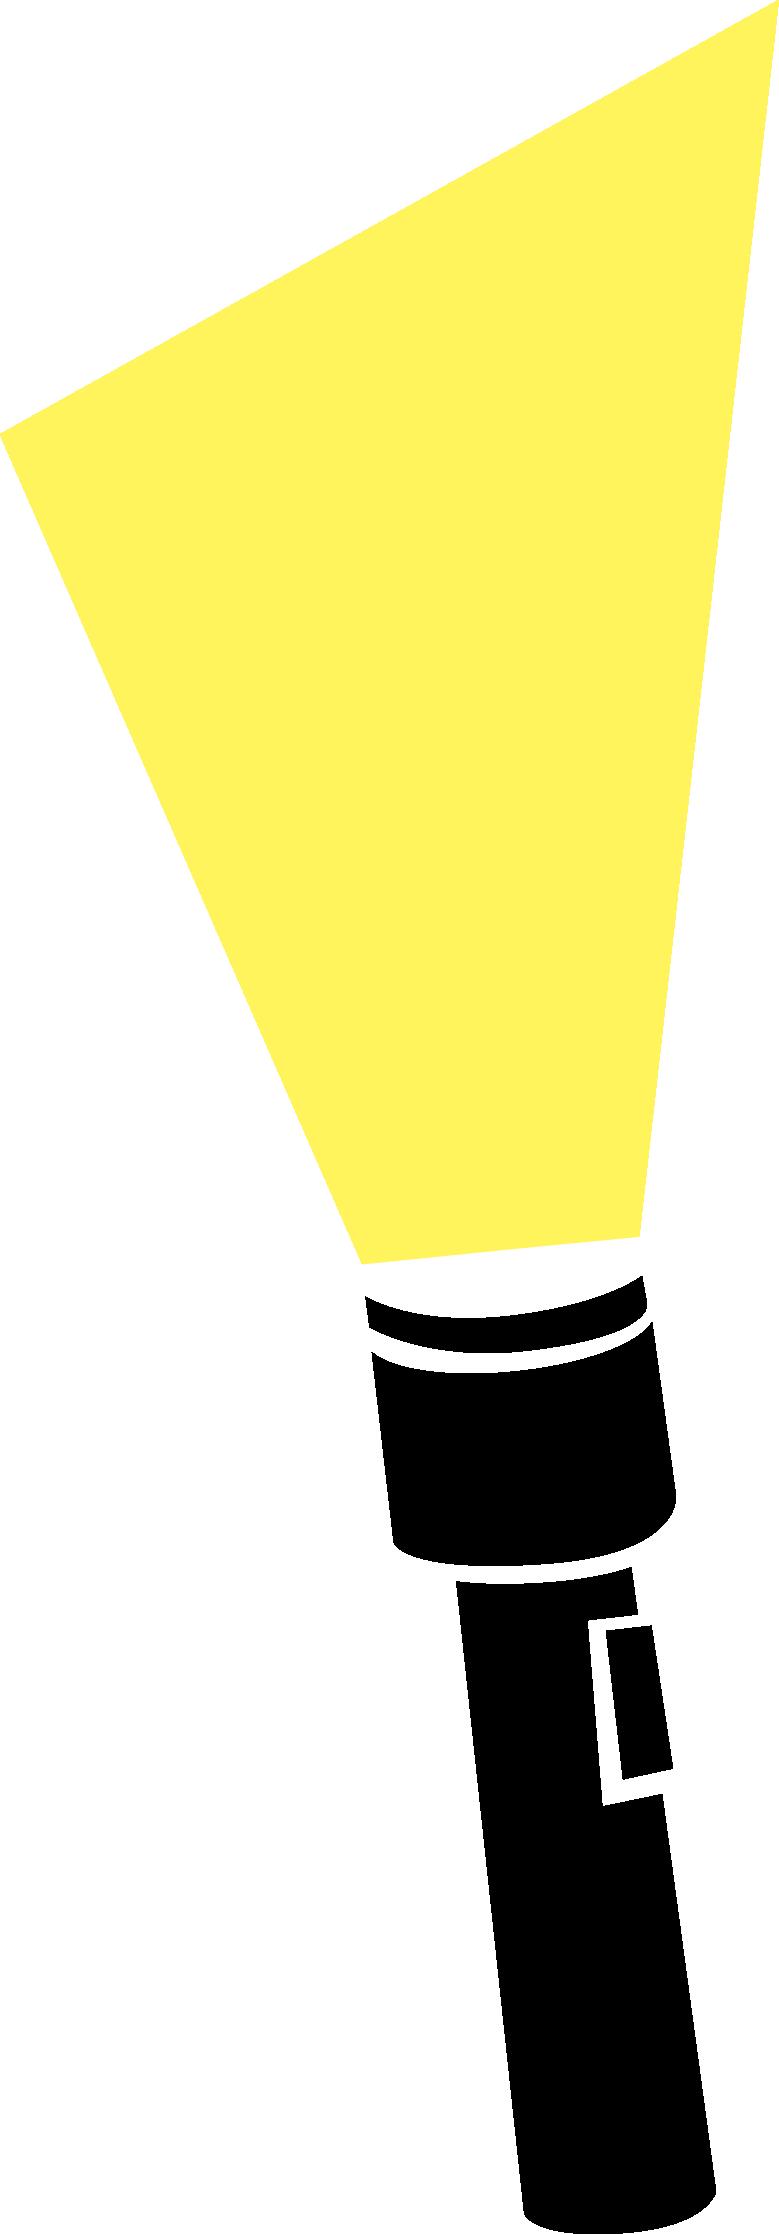 Torch Light Beam Clipart.